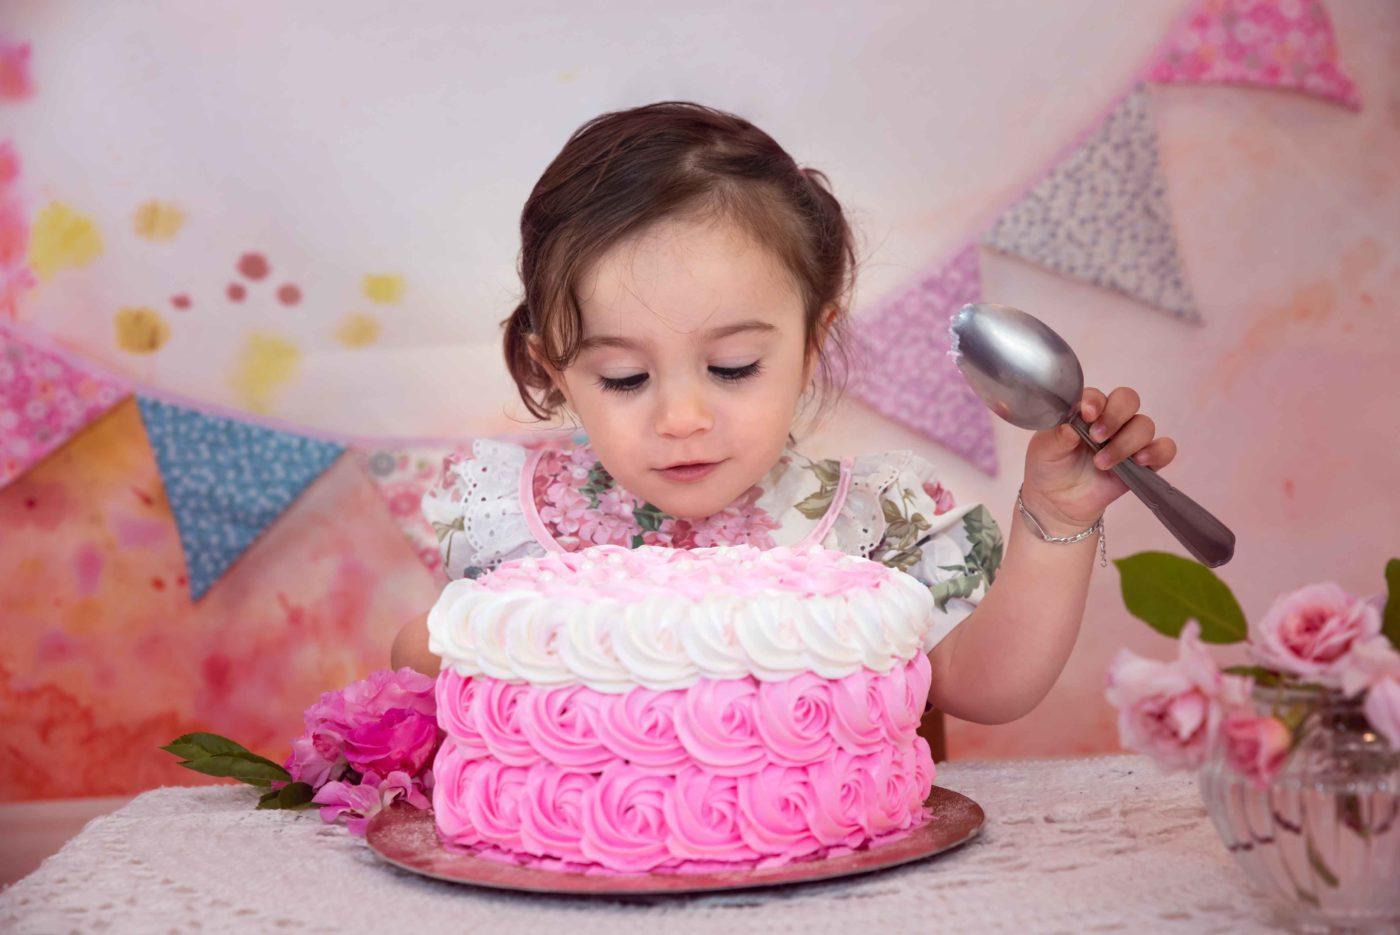 séance anniversaire bébé et son gâteau photographe famille gap